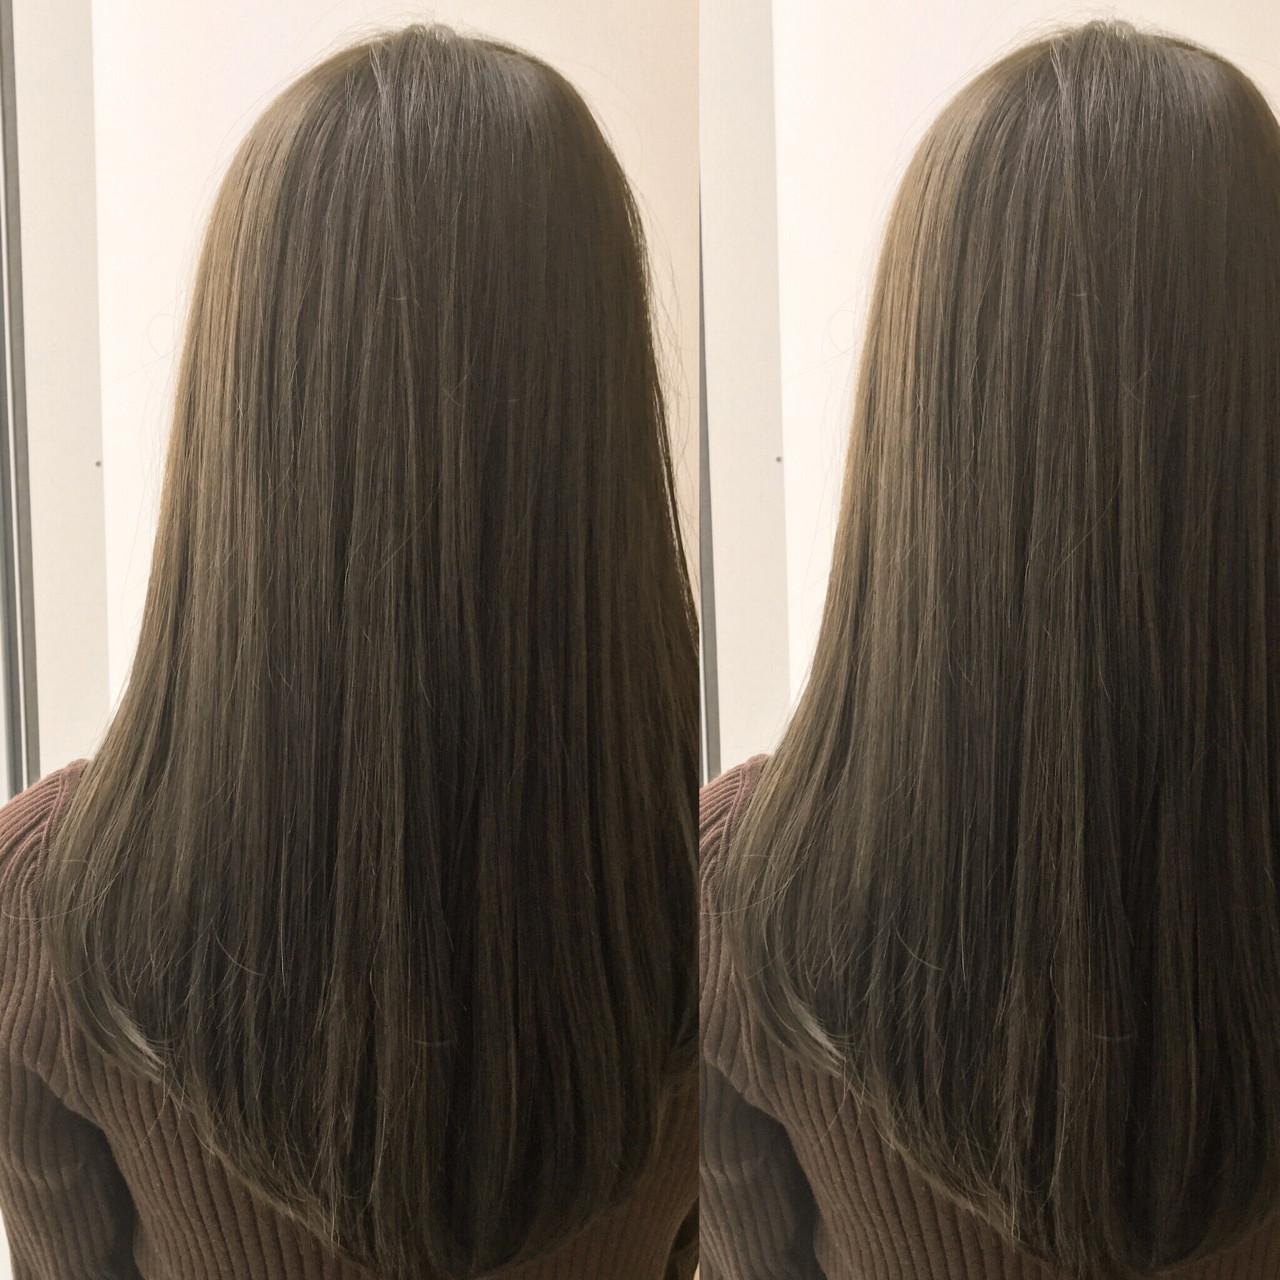 アッシュベージュ グレージュ アッシュグレージュ マット ヘアスタイルや髪型の写真・画像